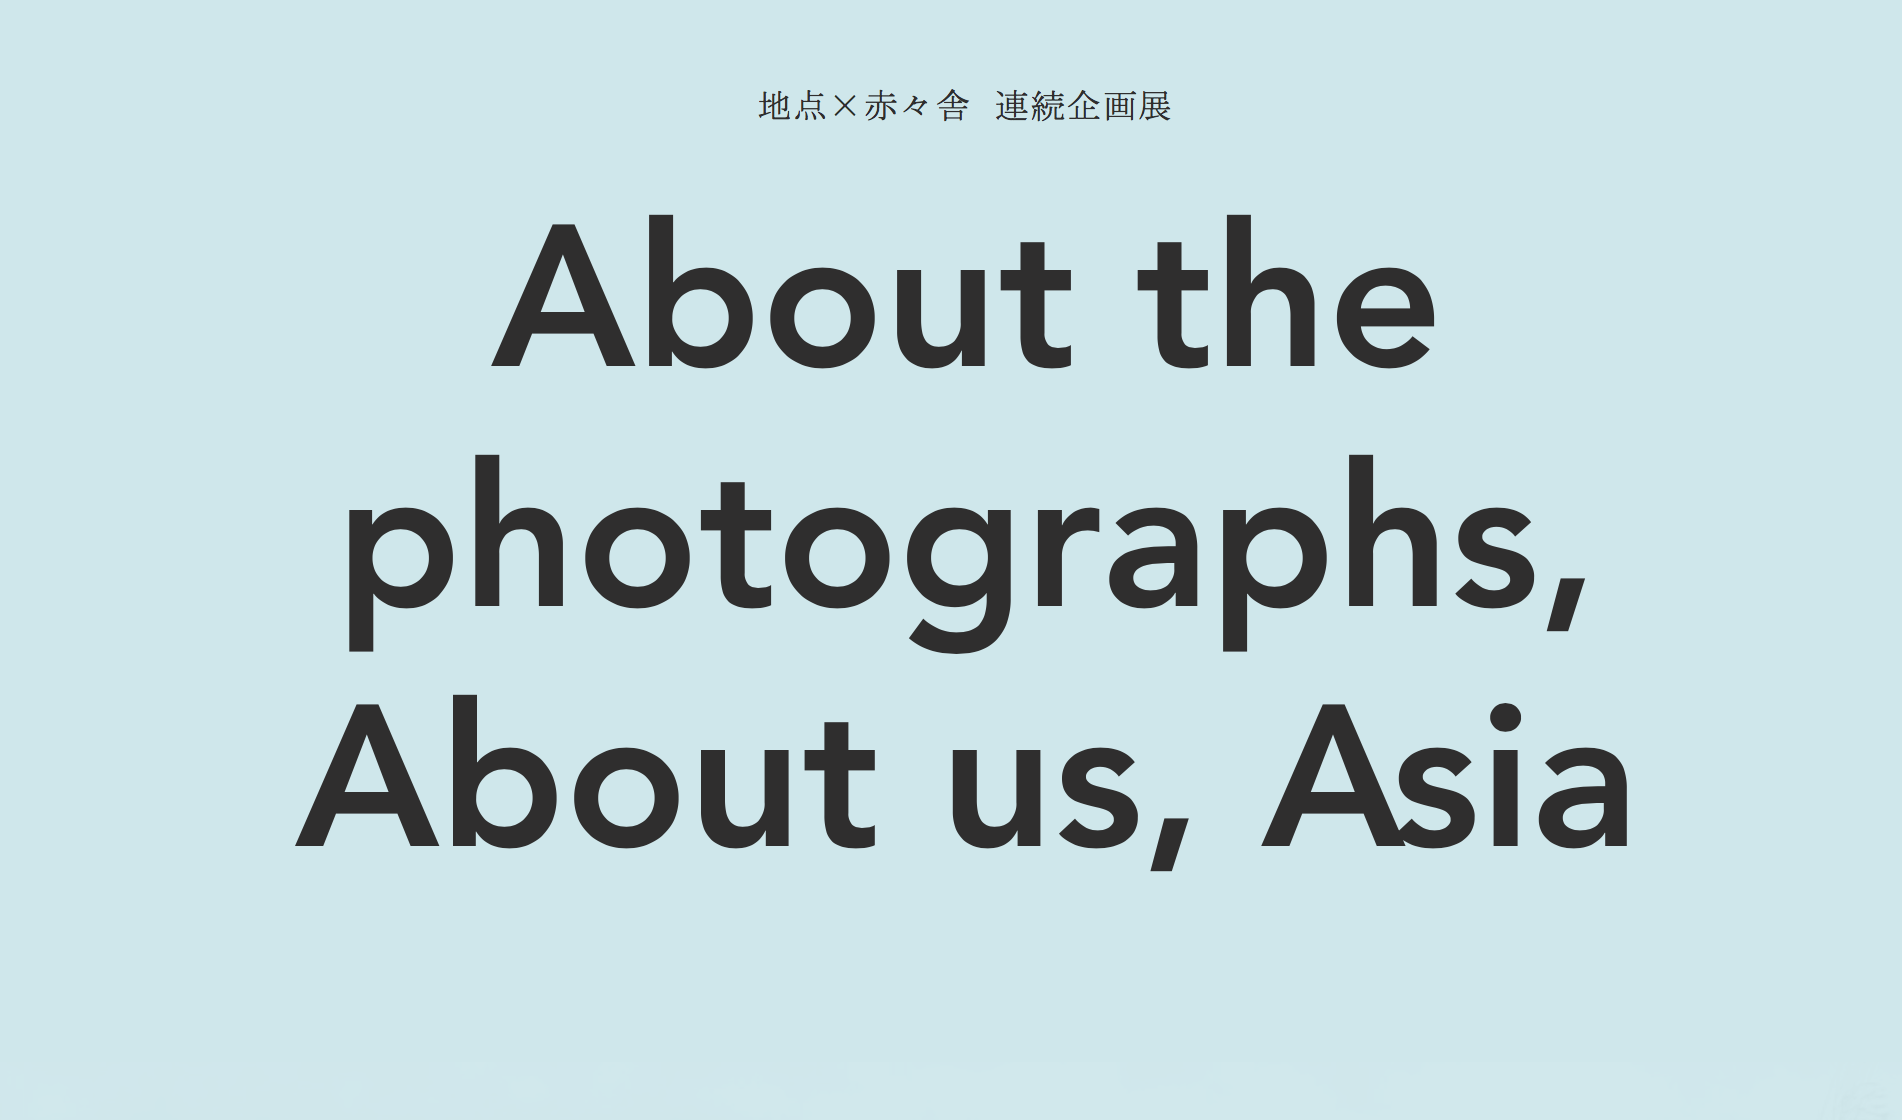 石川竜一さん 展覧会「About the photographs, About us, Asia」_b0187229_11090087.png